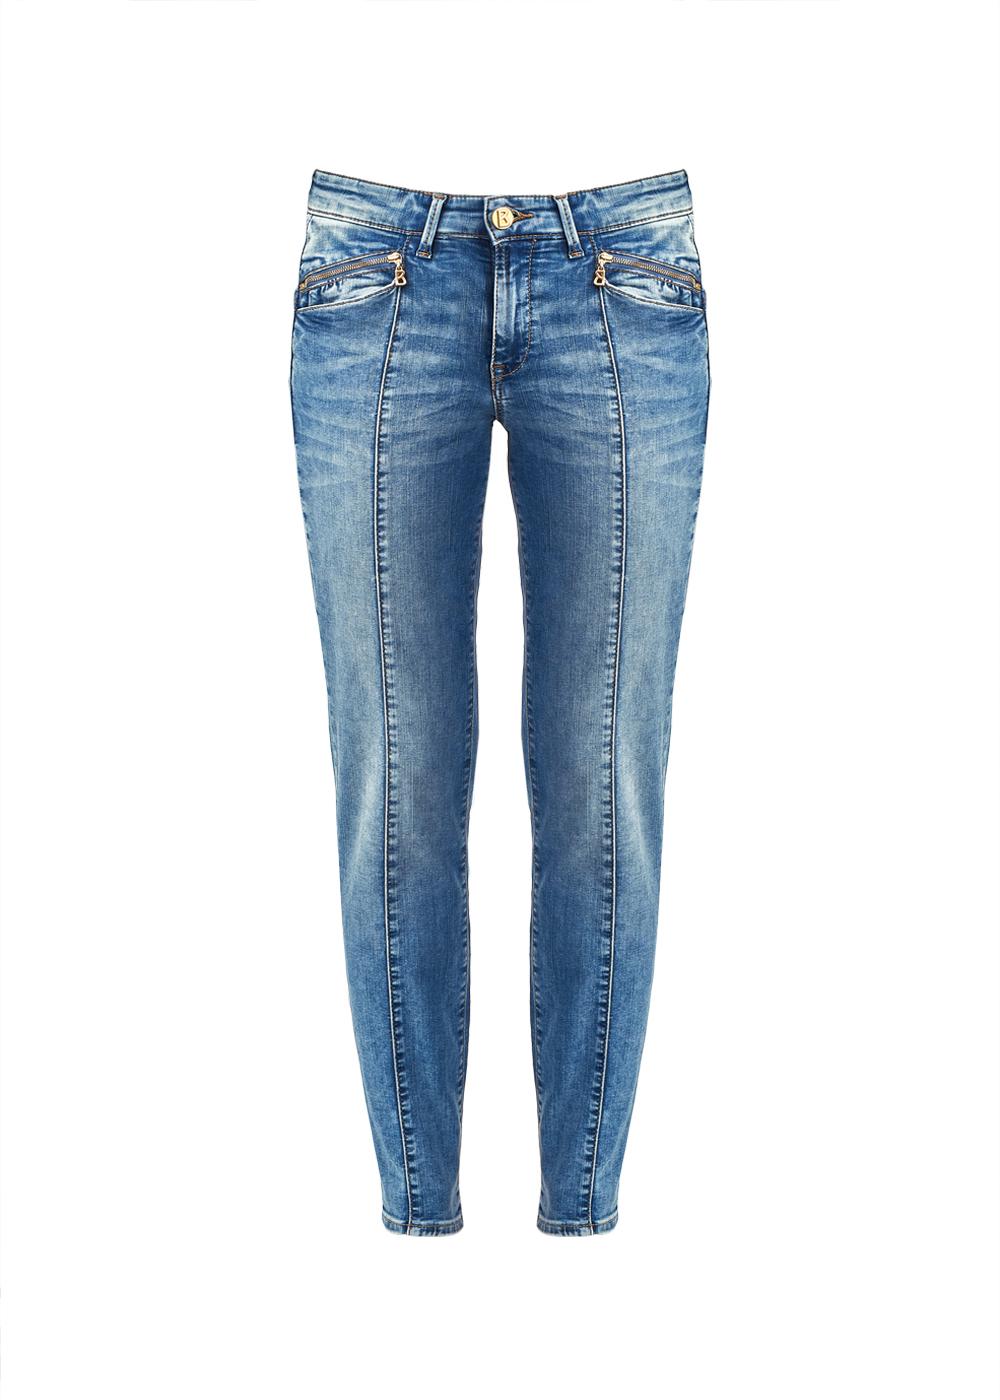 Купить со скидкой Bogner джинсы